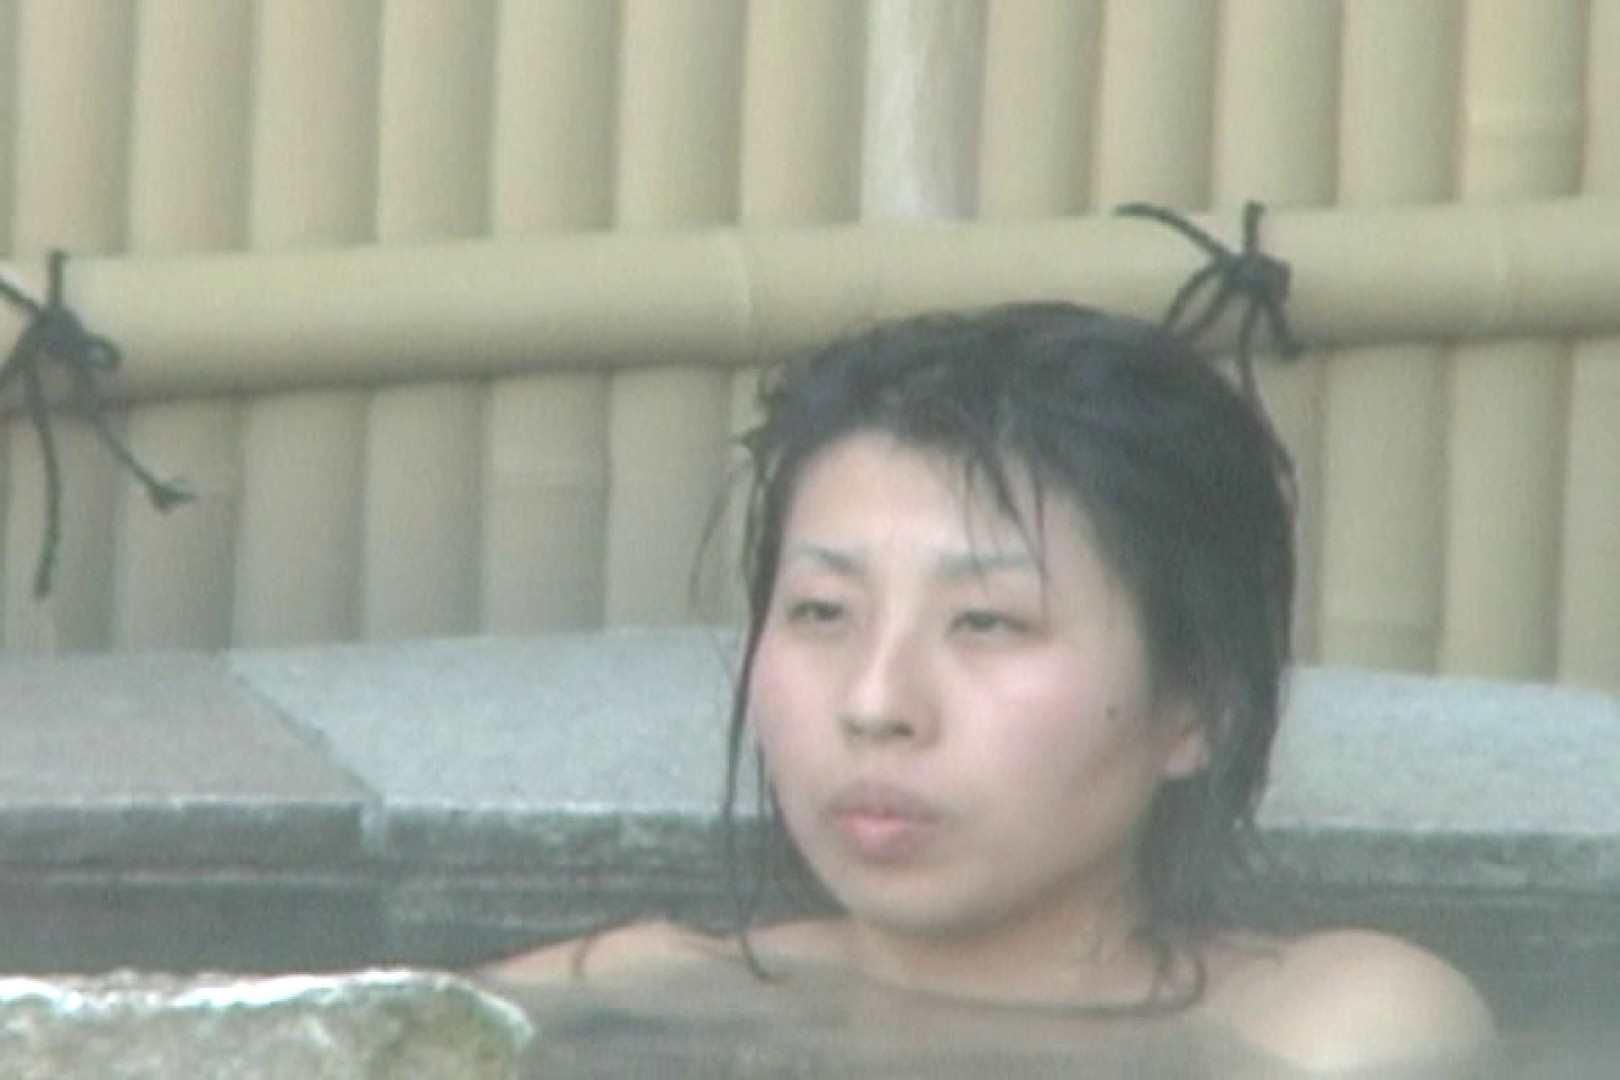 Aquaな露天風呂Vol.589 盗撮シリーズ  113PIX 50